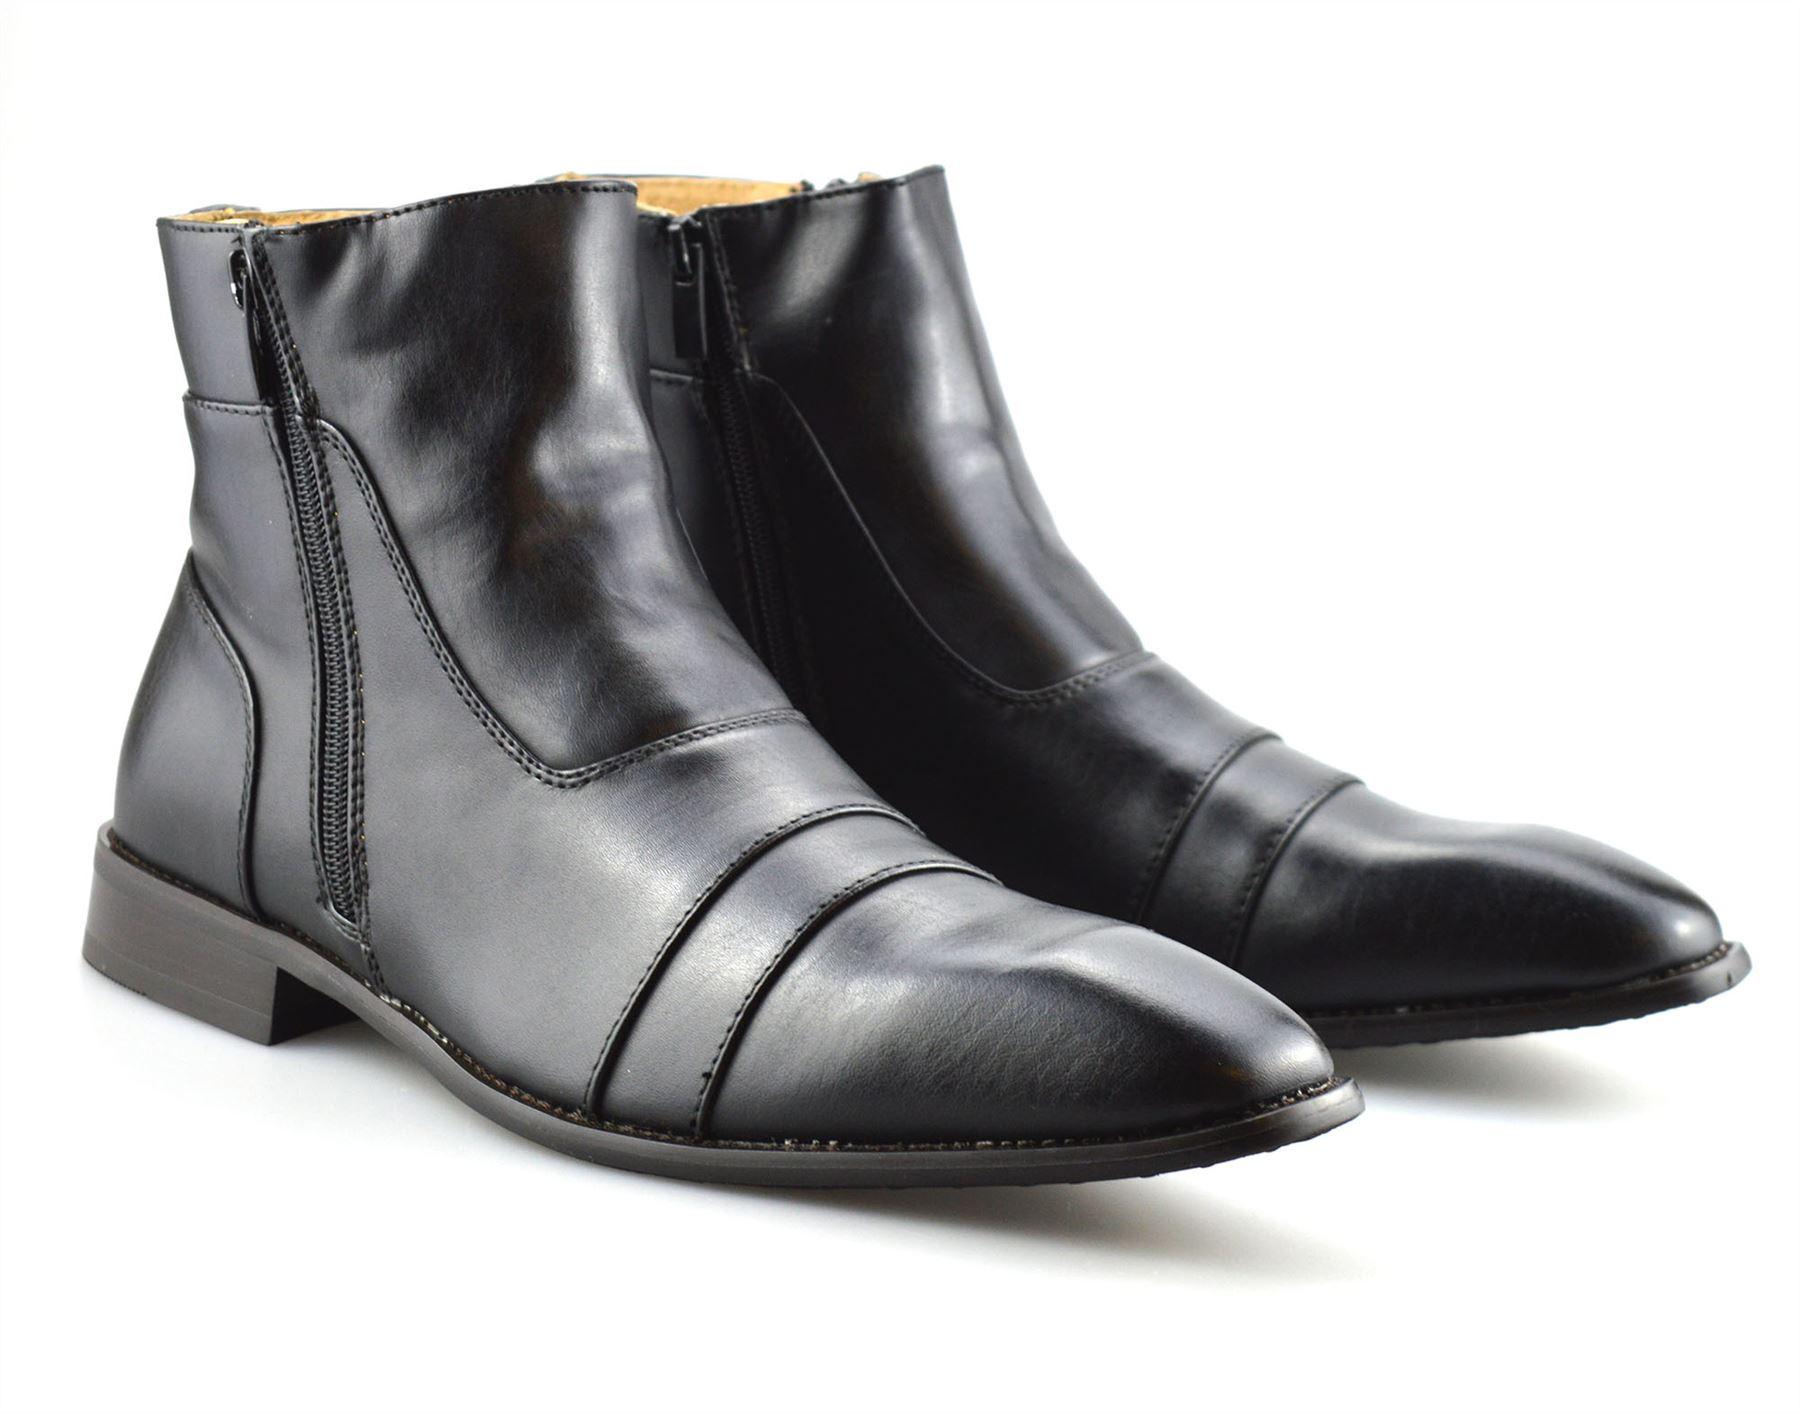 2b4d50ba4ef Mens New Leather Chelsea Dealer Work Formal Ankle Cowboy Biker Boots ...